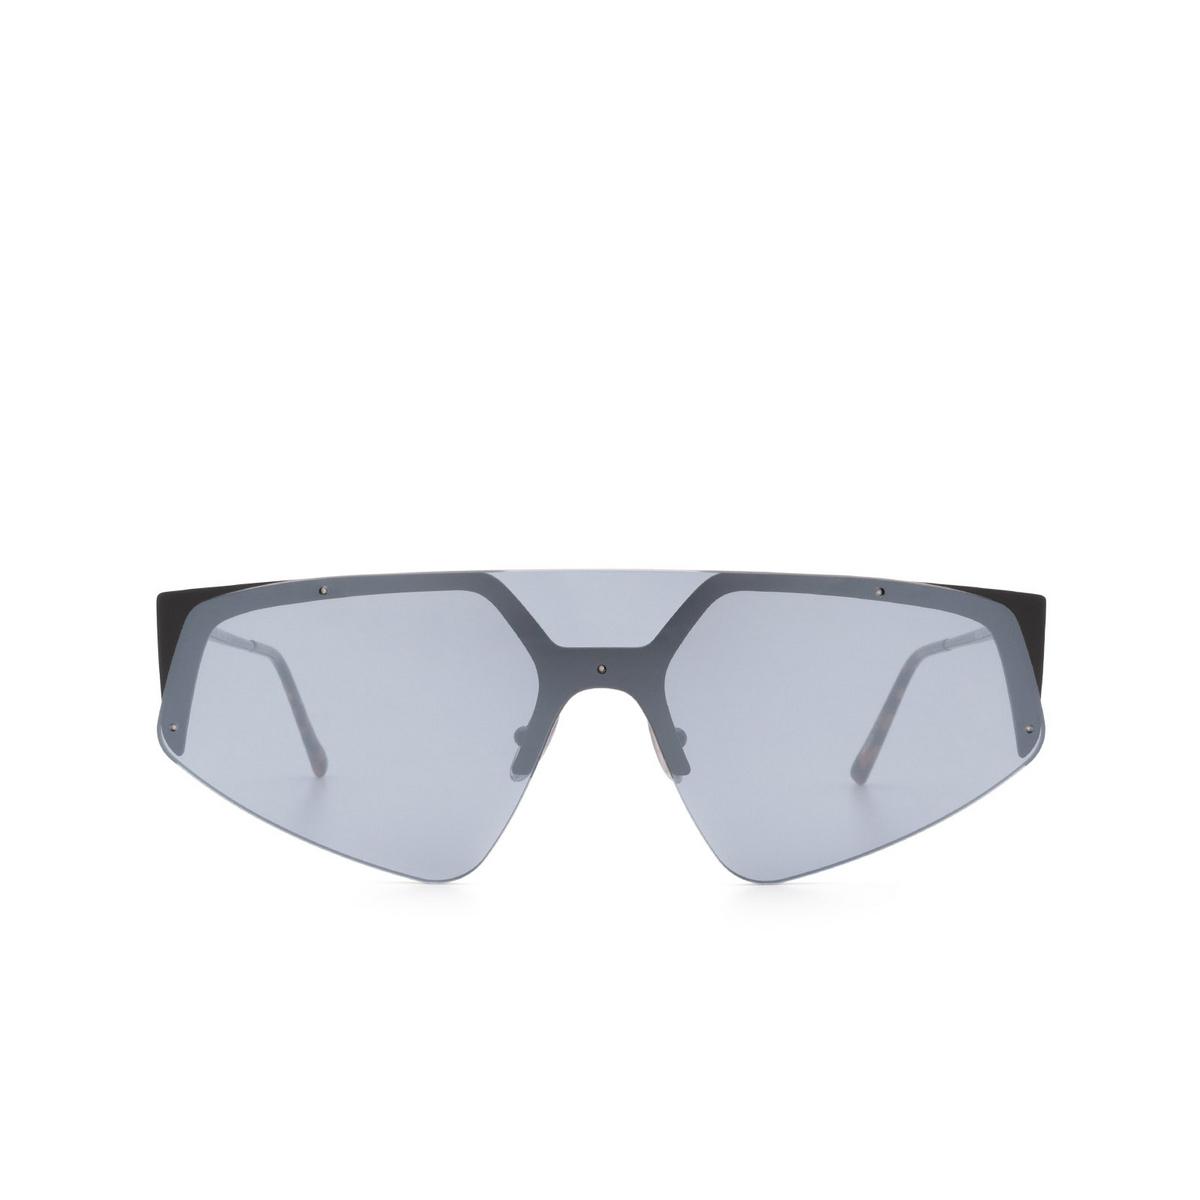 Sportmax® Mask Sunglasses: SM0034 color Black 01C - front view.